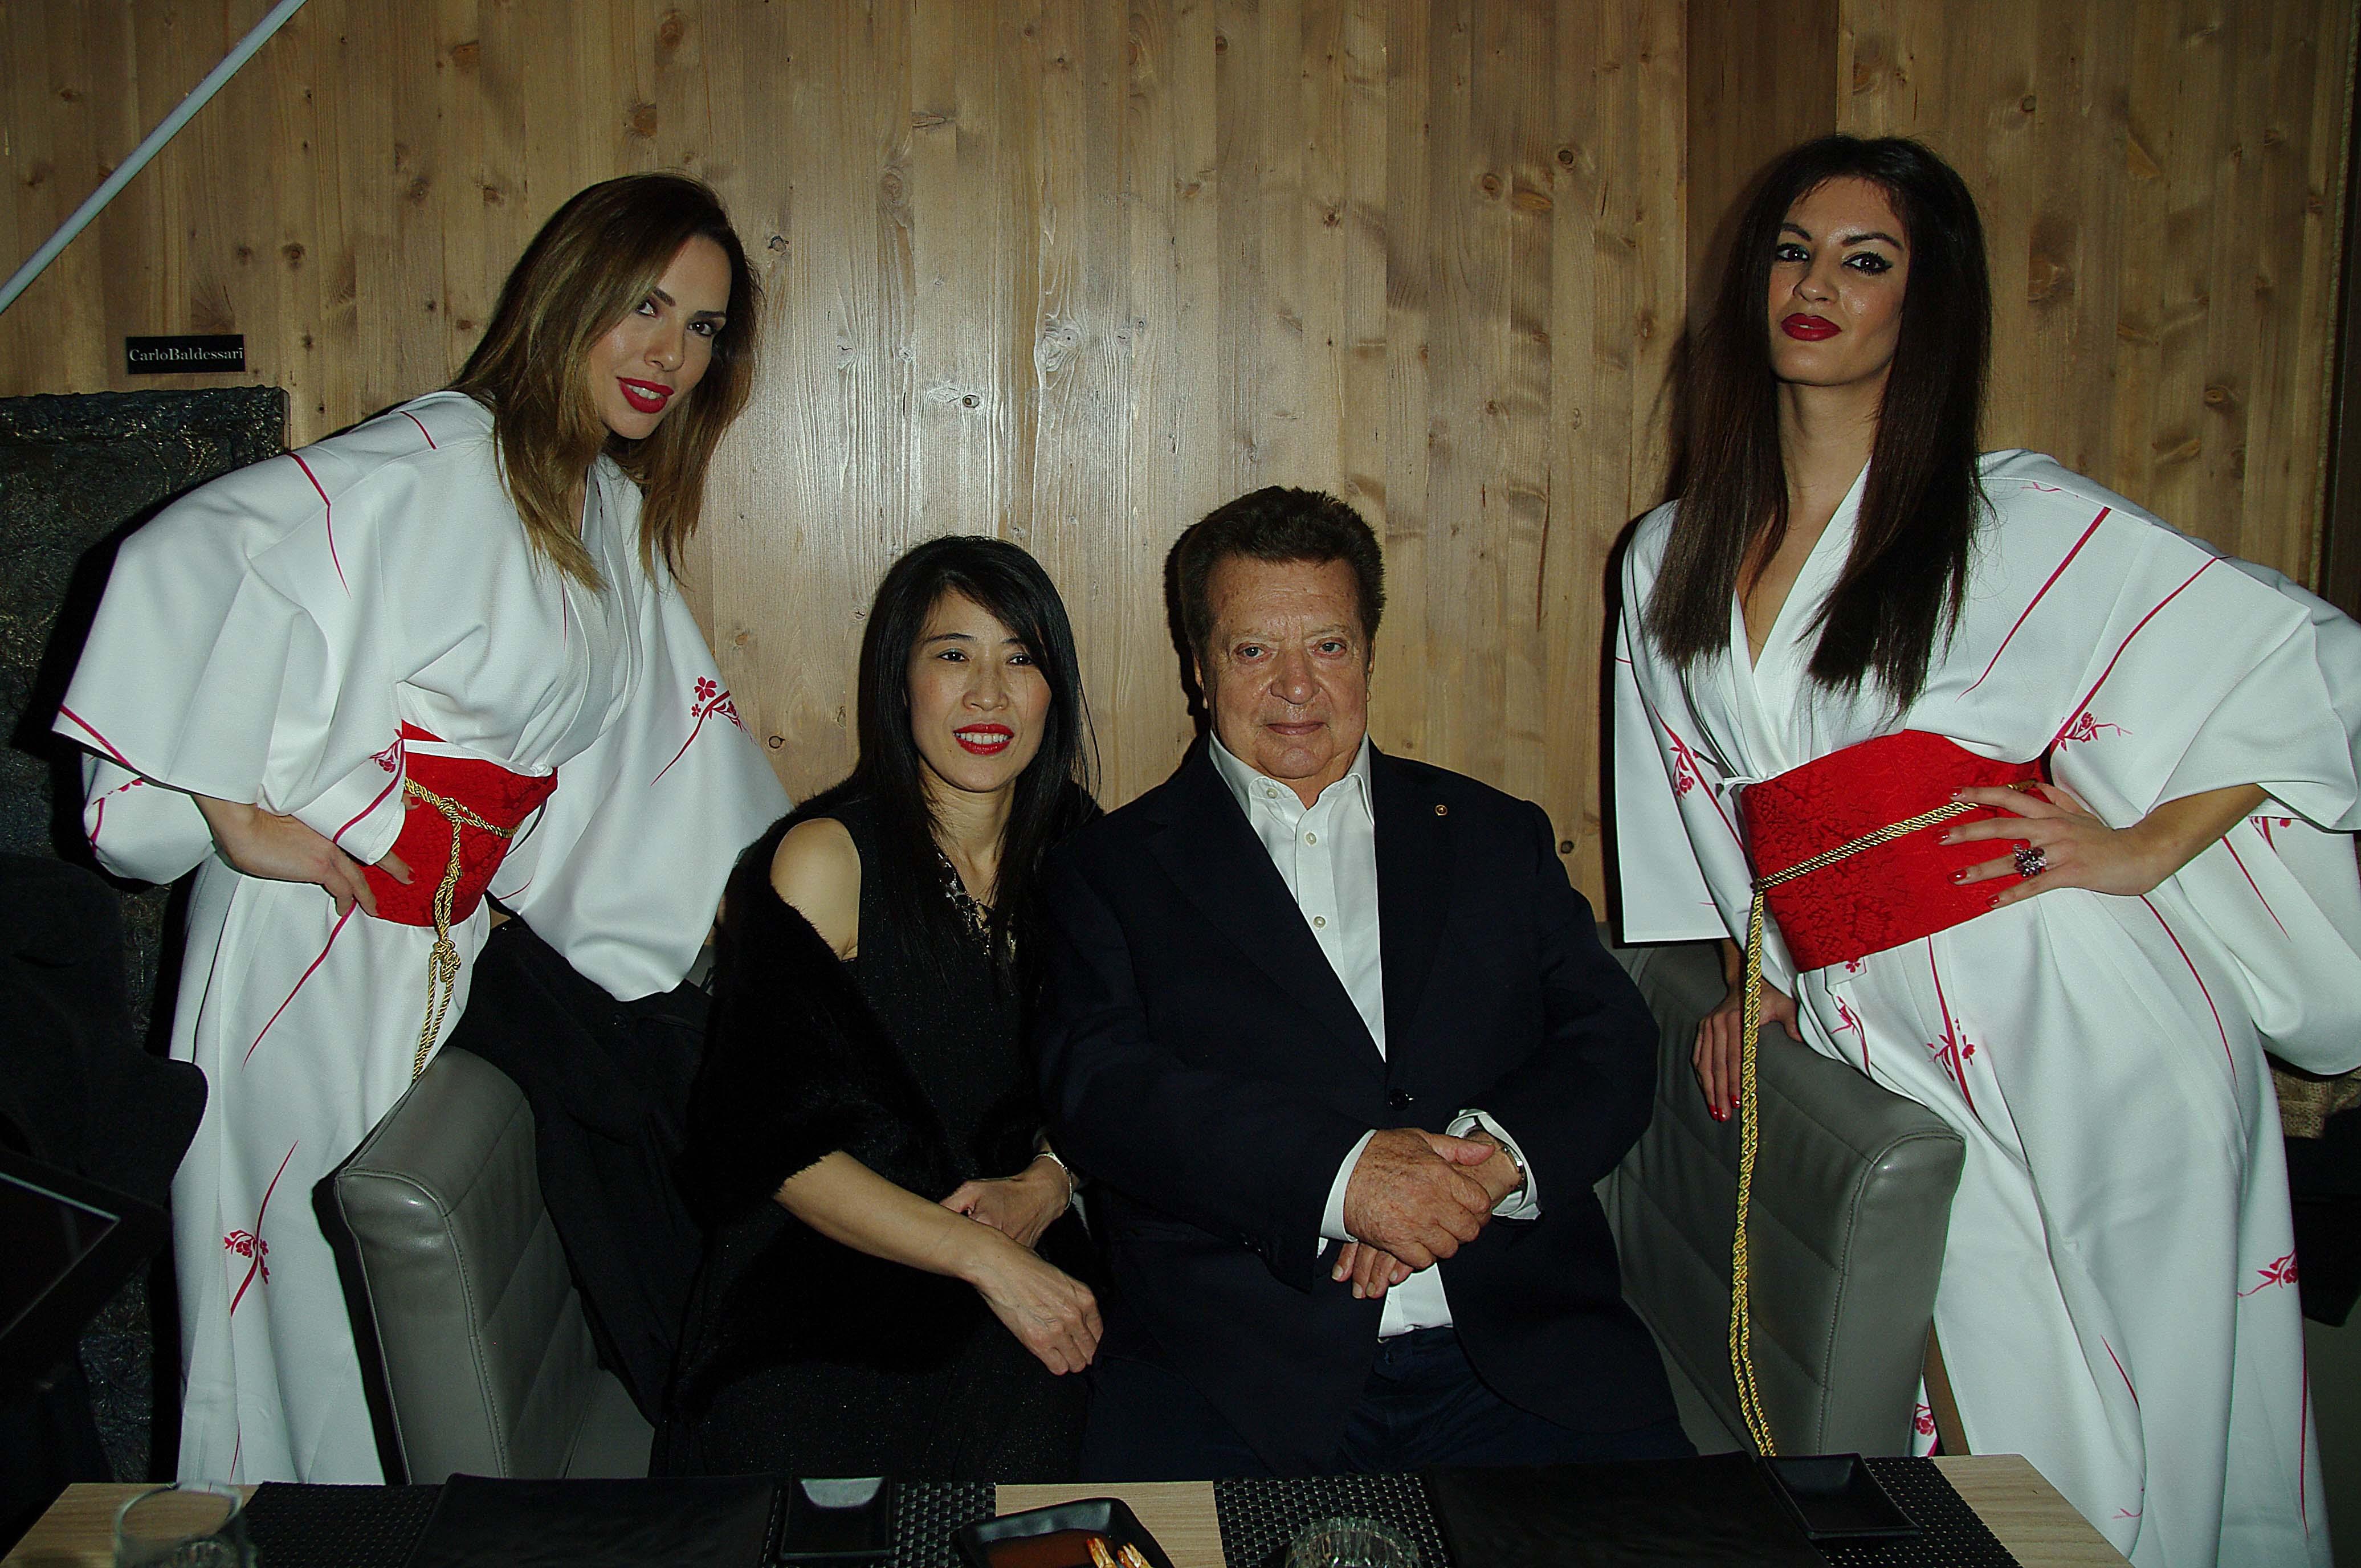 PARTY ESCLUSIVO AL MOKU JAPAN SUSHI CHE COMPIE DUE ANNI INSIEME A CHARLIE GNOCCHI CHE NE COMPIE UN PO DI PIU'